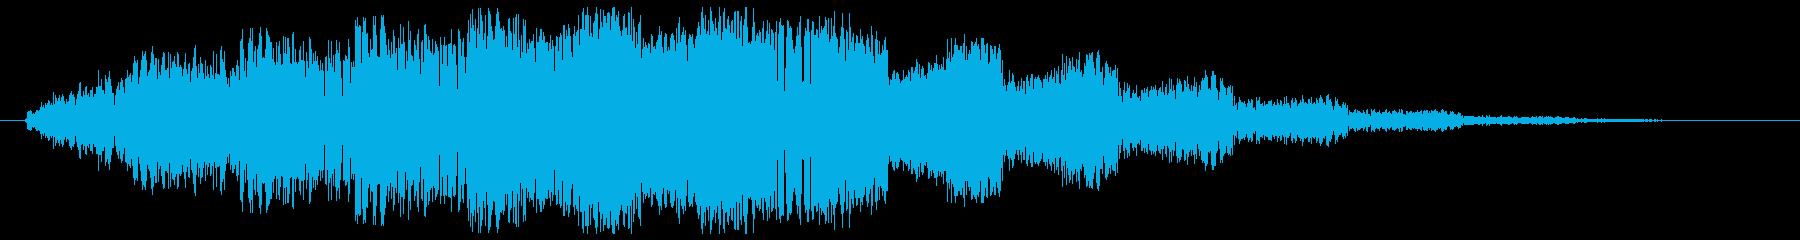 ビヨヨヨヨヨヨンー(飛ぶような効果音)の再生済みの波形